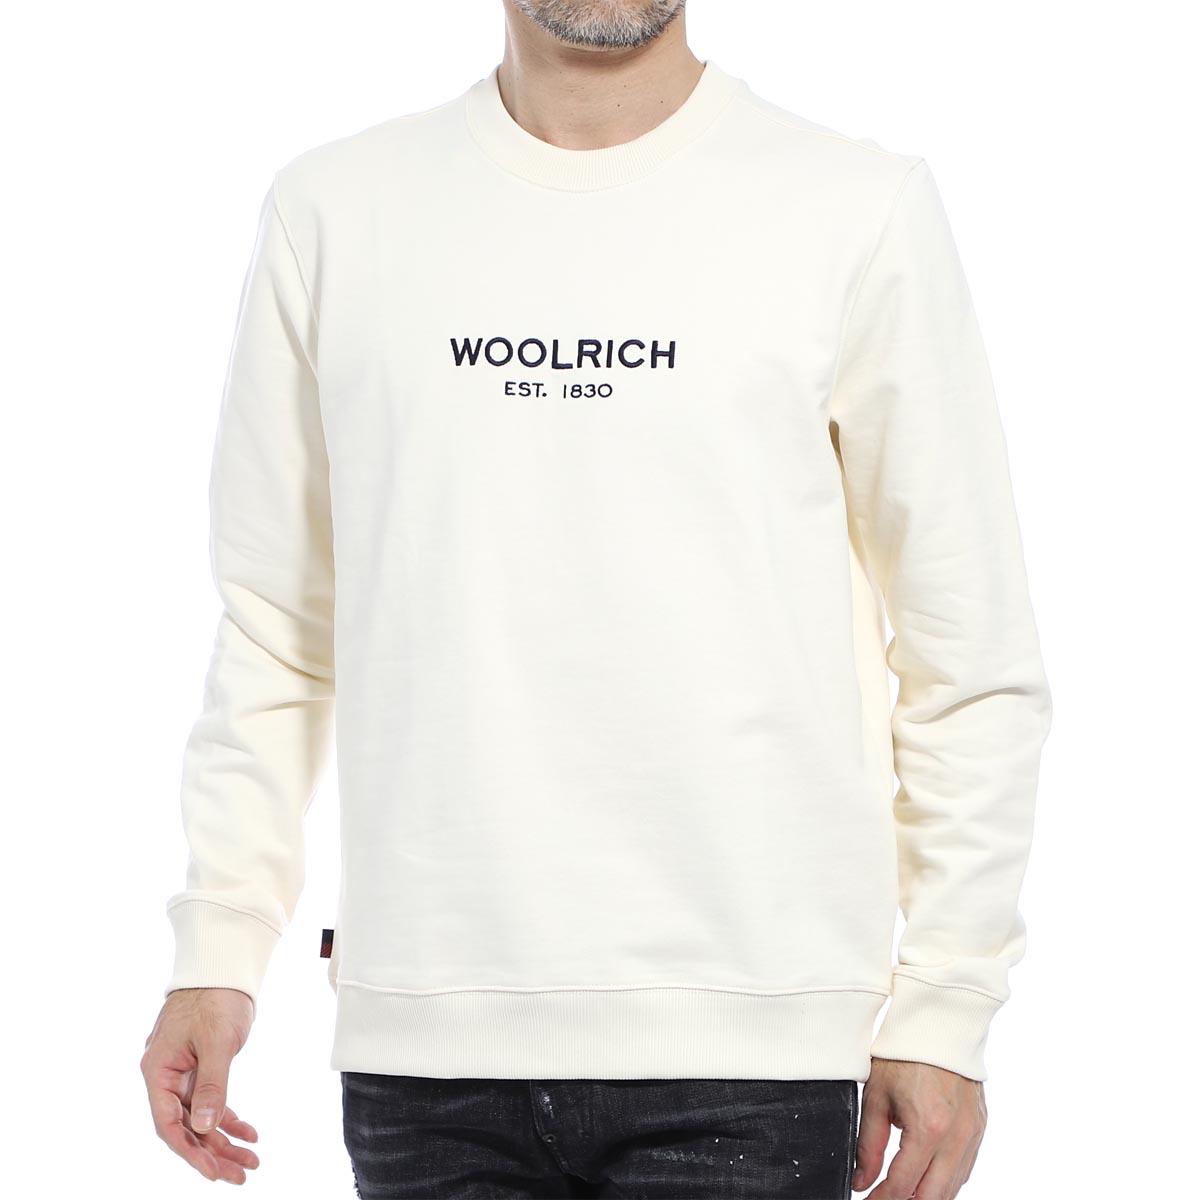 ウールリッチ WOOLRICH スウェットシャツ ホワイト メンズ cfwosw0048mr ut2127 8929 LUXURY LIGHT CREW NECK【あす楽対応_関東】【返品送料無料】【ラッピング無料】